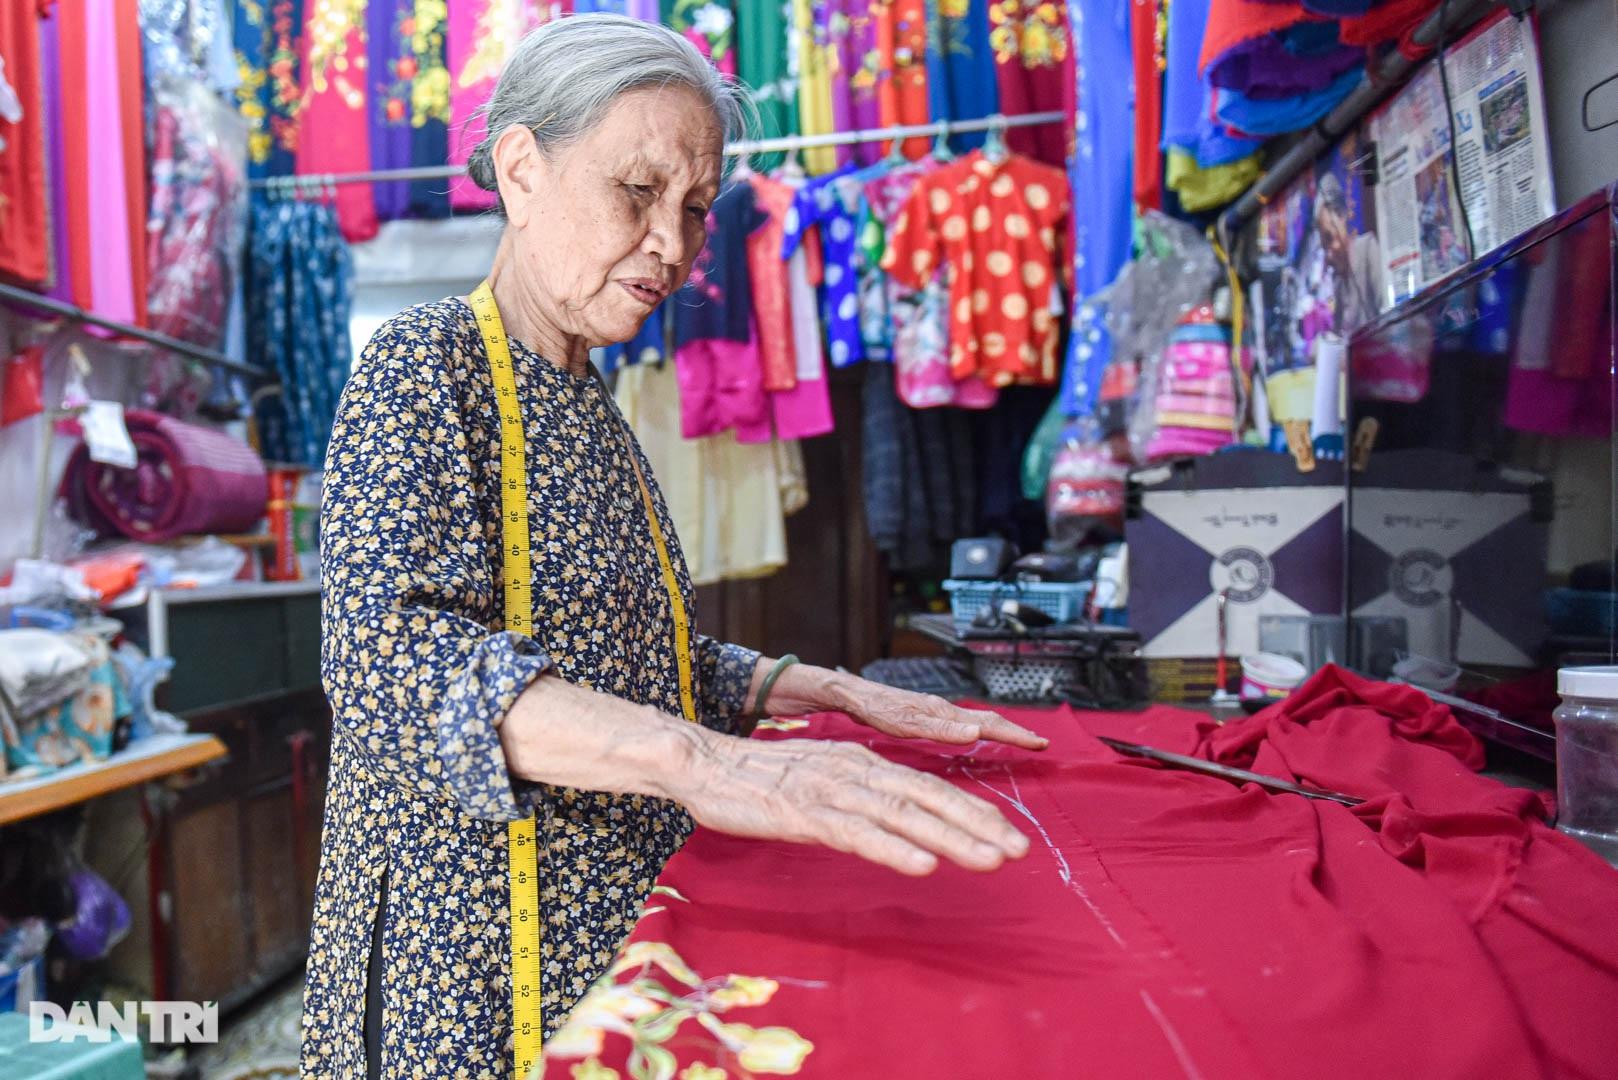 Tiệm áo dài 4 đời được trả 400 cây vàng mà không bán của cụ bà 81 tuổi - 1